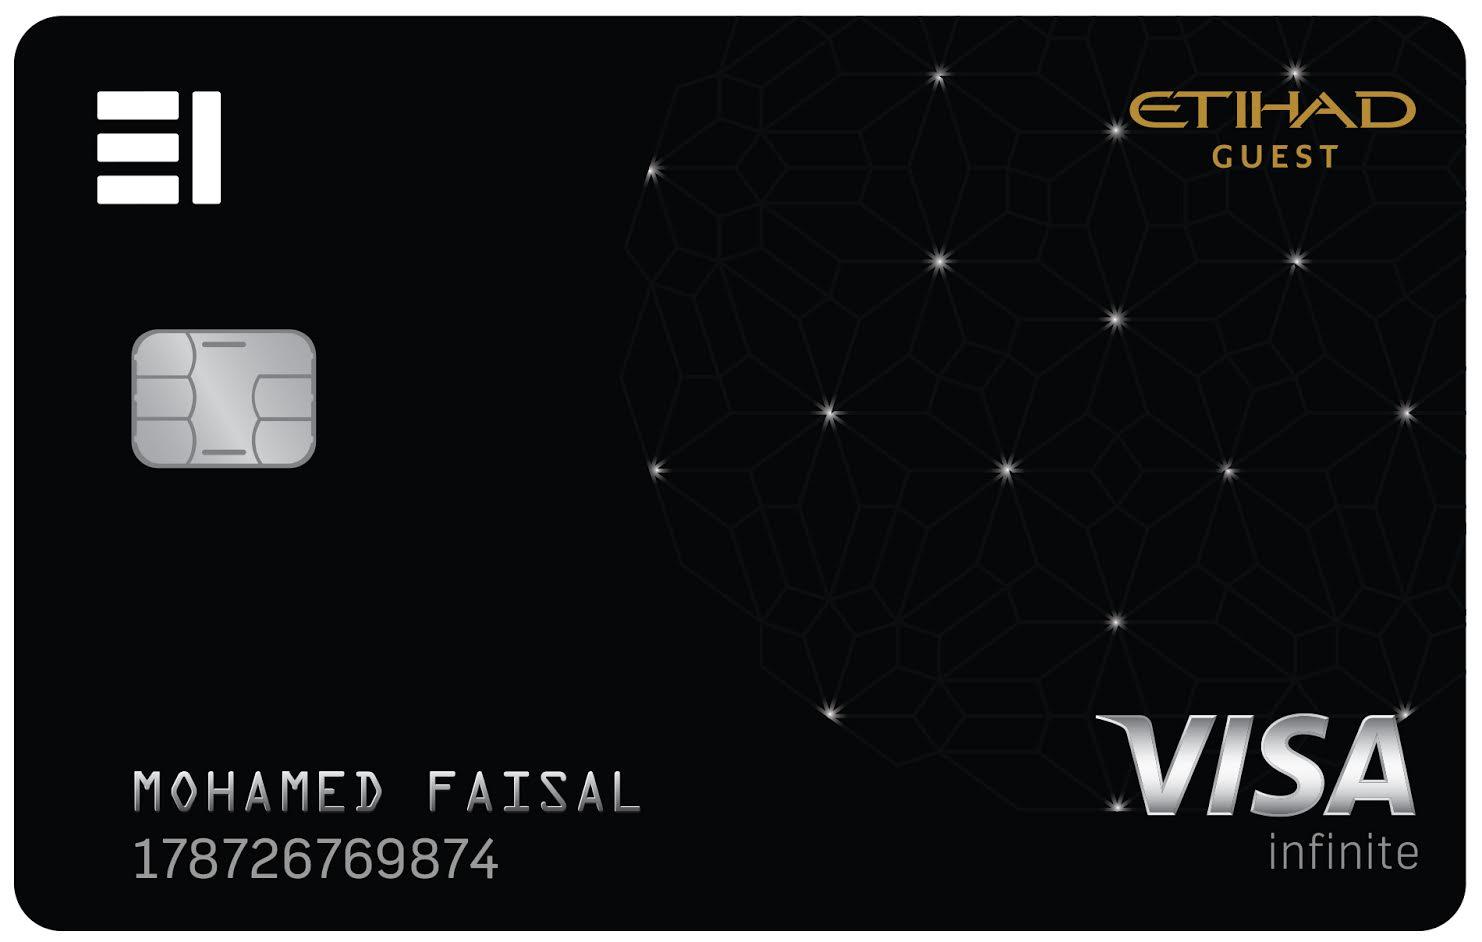 Emirates Islamic - Etihad Guest Premium Credit Card